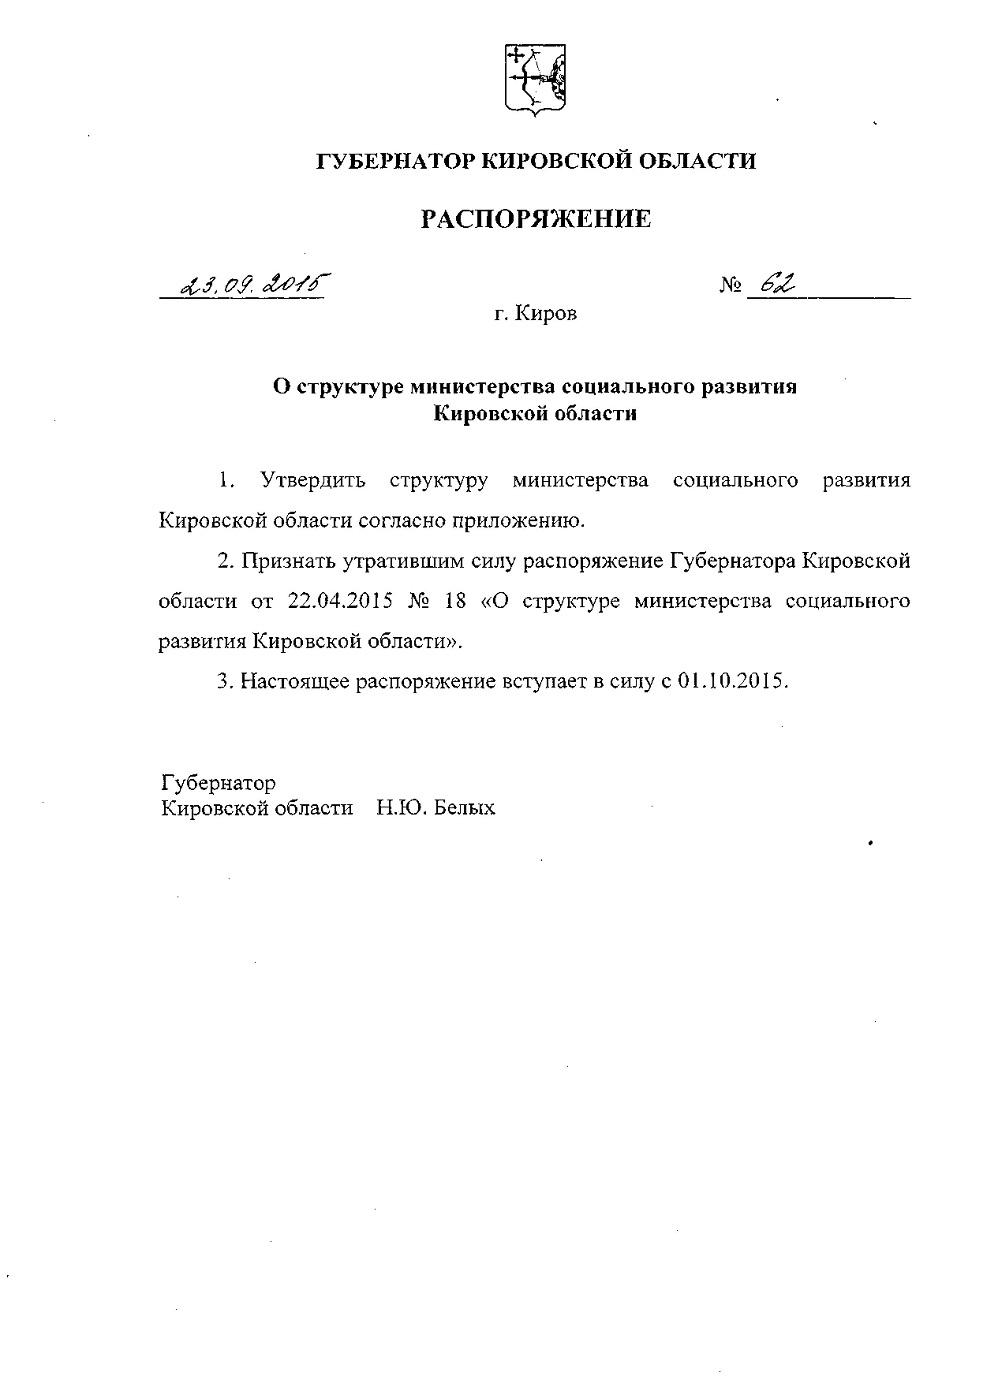 Распоряжение Губернатора Кировской области